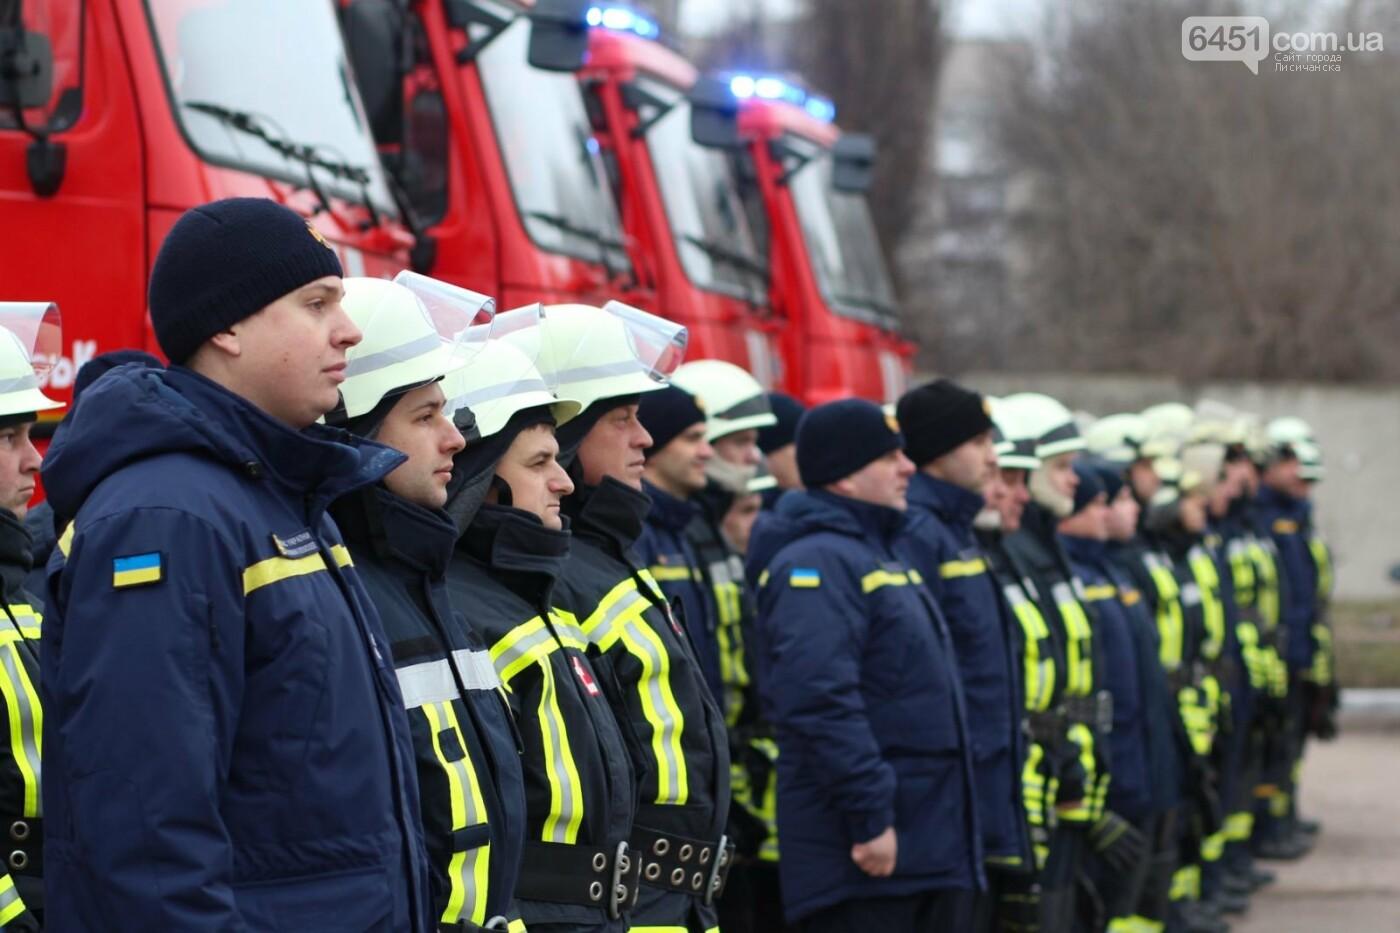 ГСЧС получила 5 современных пожарных автоцистерн, фото-1